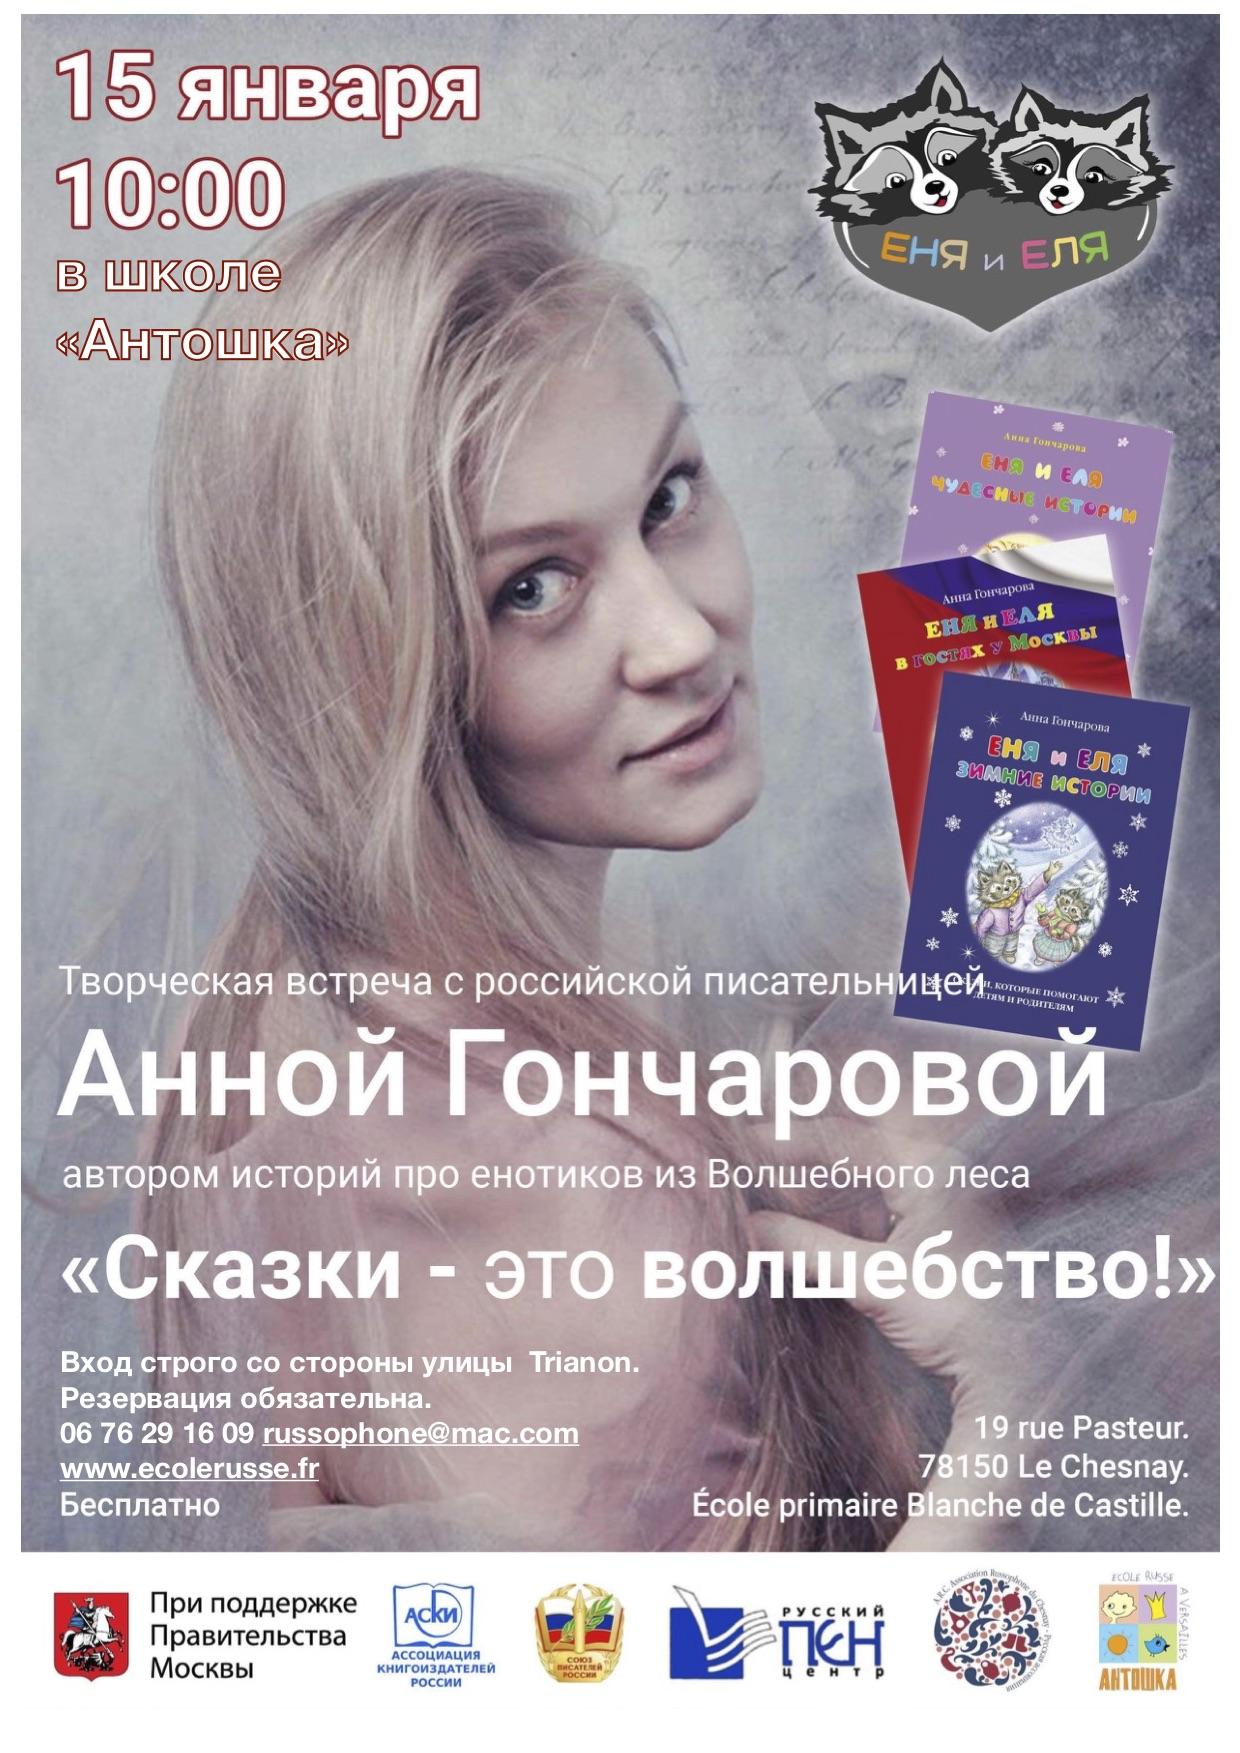 15.01.2020 Встреча с детской писательницей Анной Гончаровой